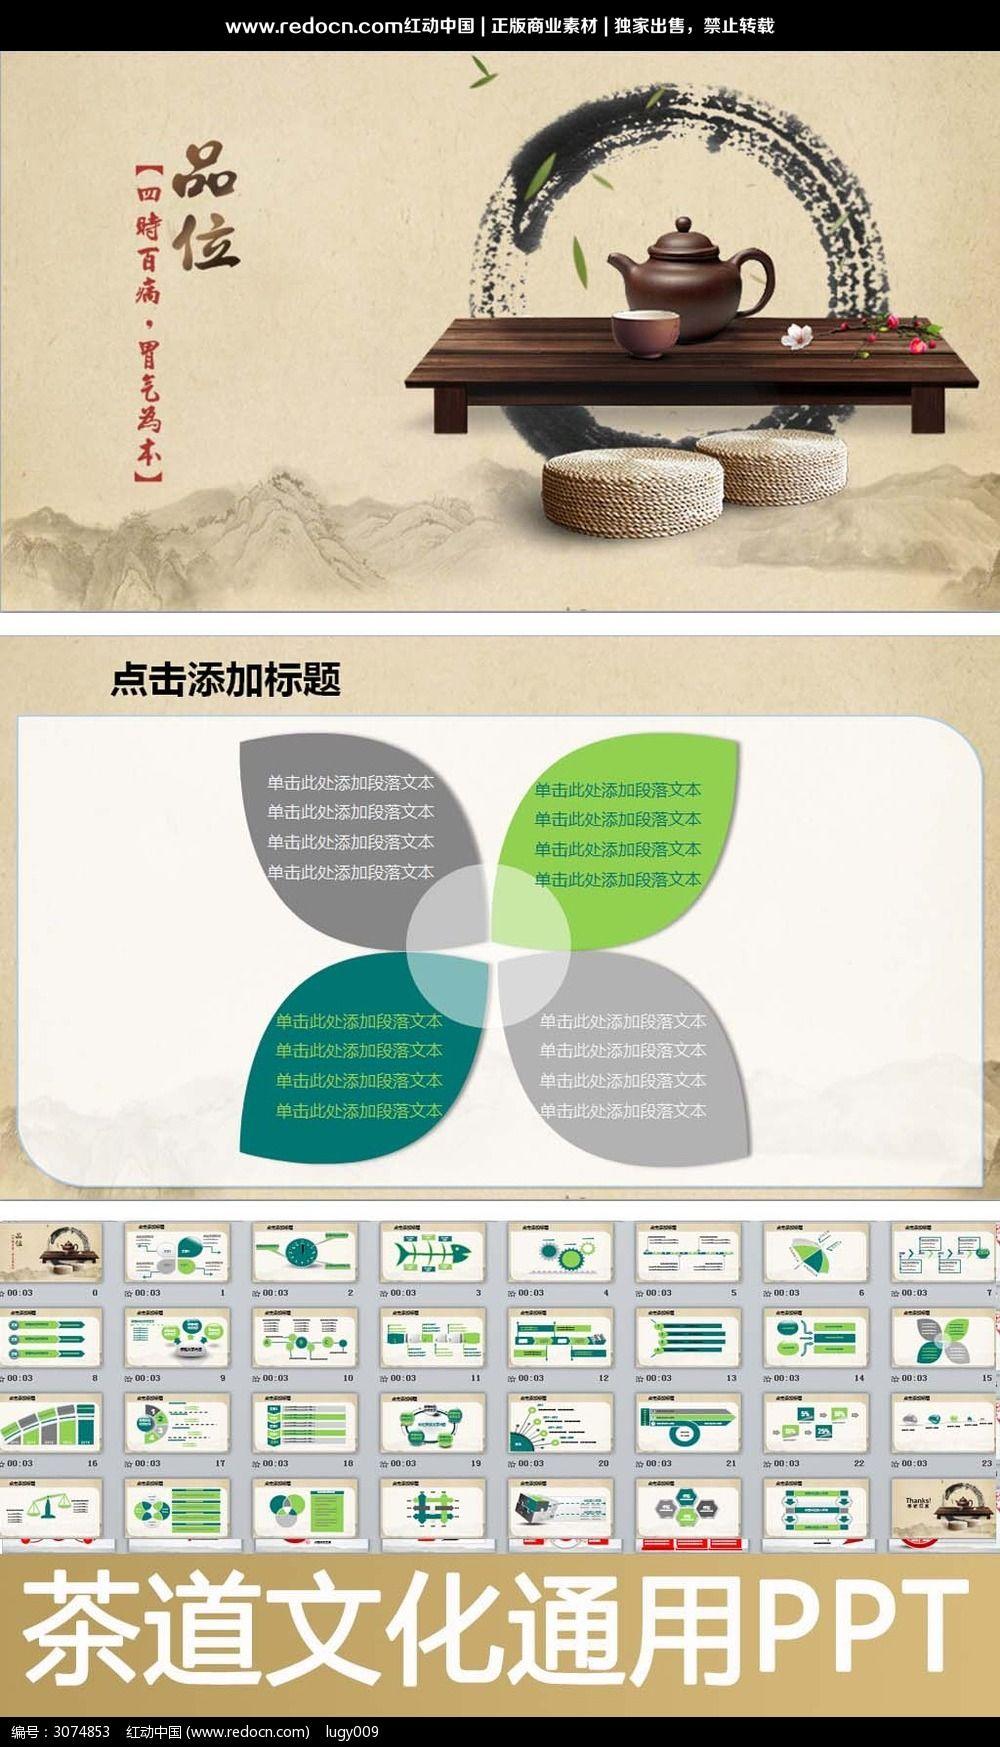 原创设计稿 ppt模板/ppt背景图片 酒店餐饮ppt 中国风古典茶道文化ppt图片